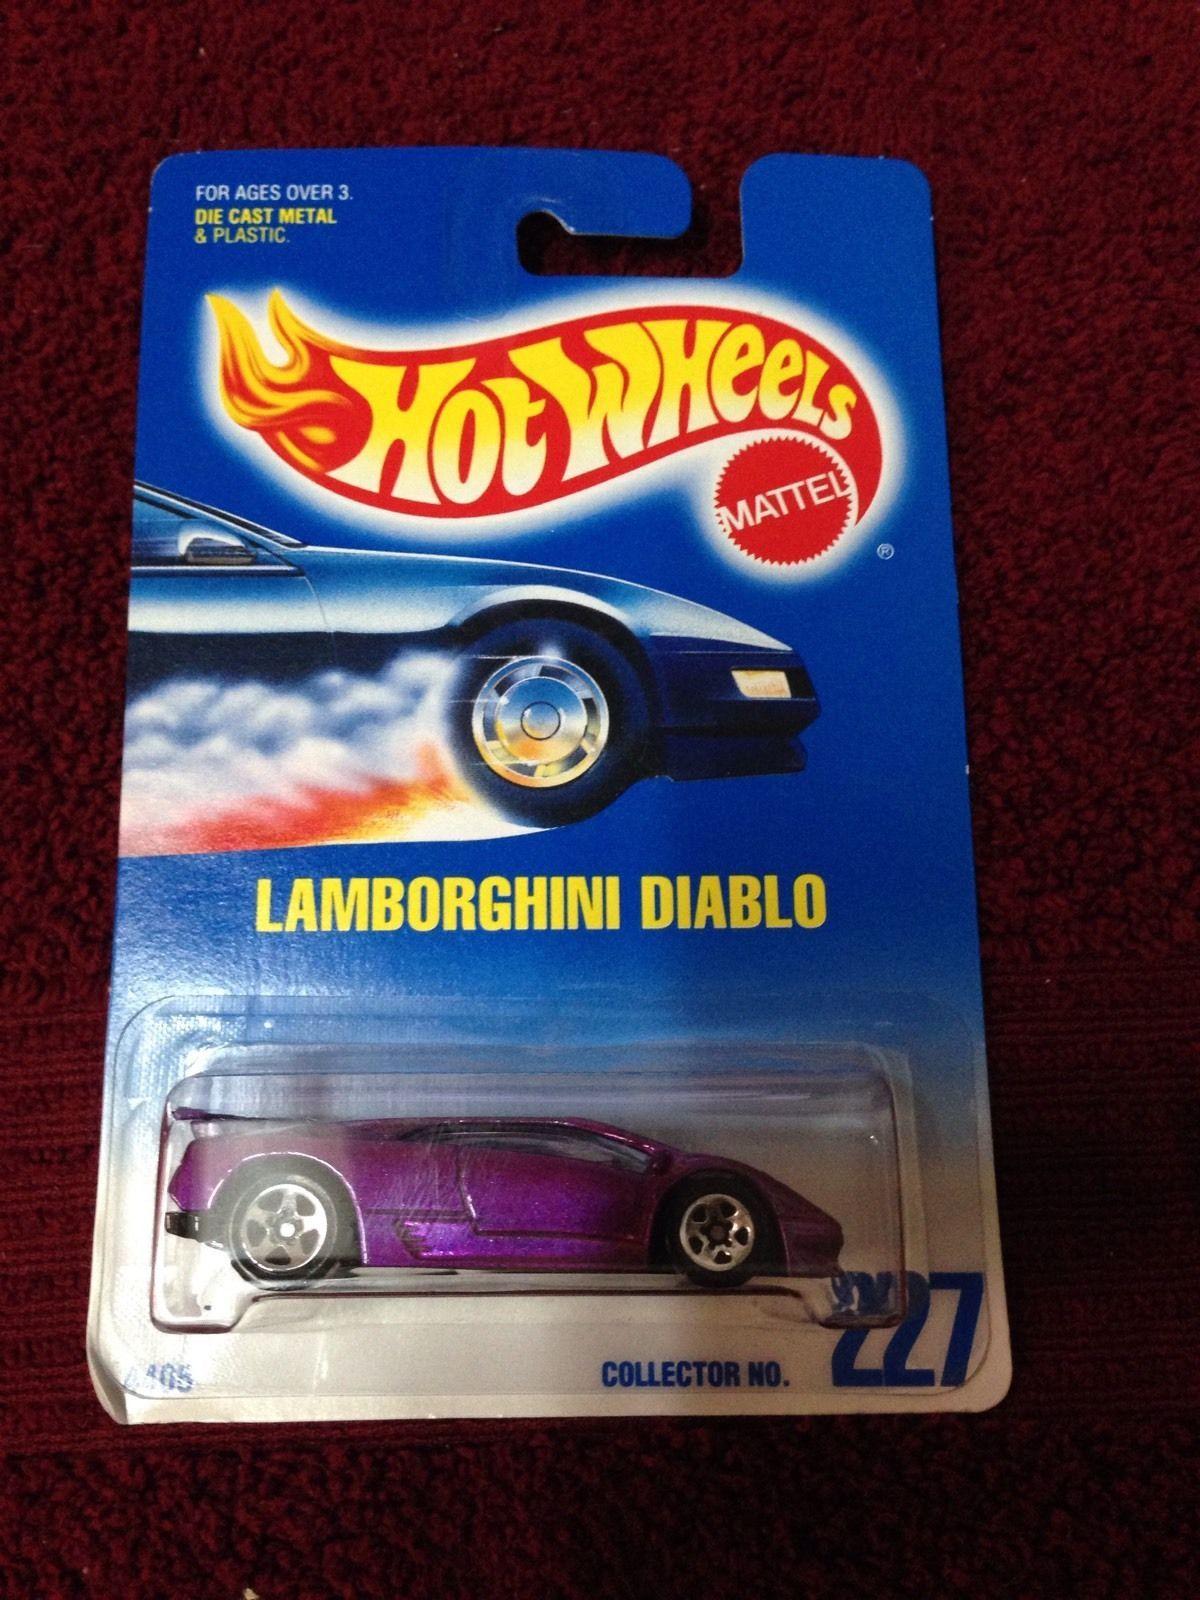 Lamborghini Diablo Purple on lamborgini diablo, 1991 lamborghini countach, 1991 lamborghini lm002, 1991 lamborghini murcielago, 1991 lamborghini trucks, 1991 lamborghini jalpa,